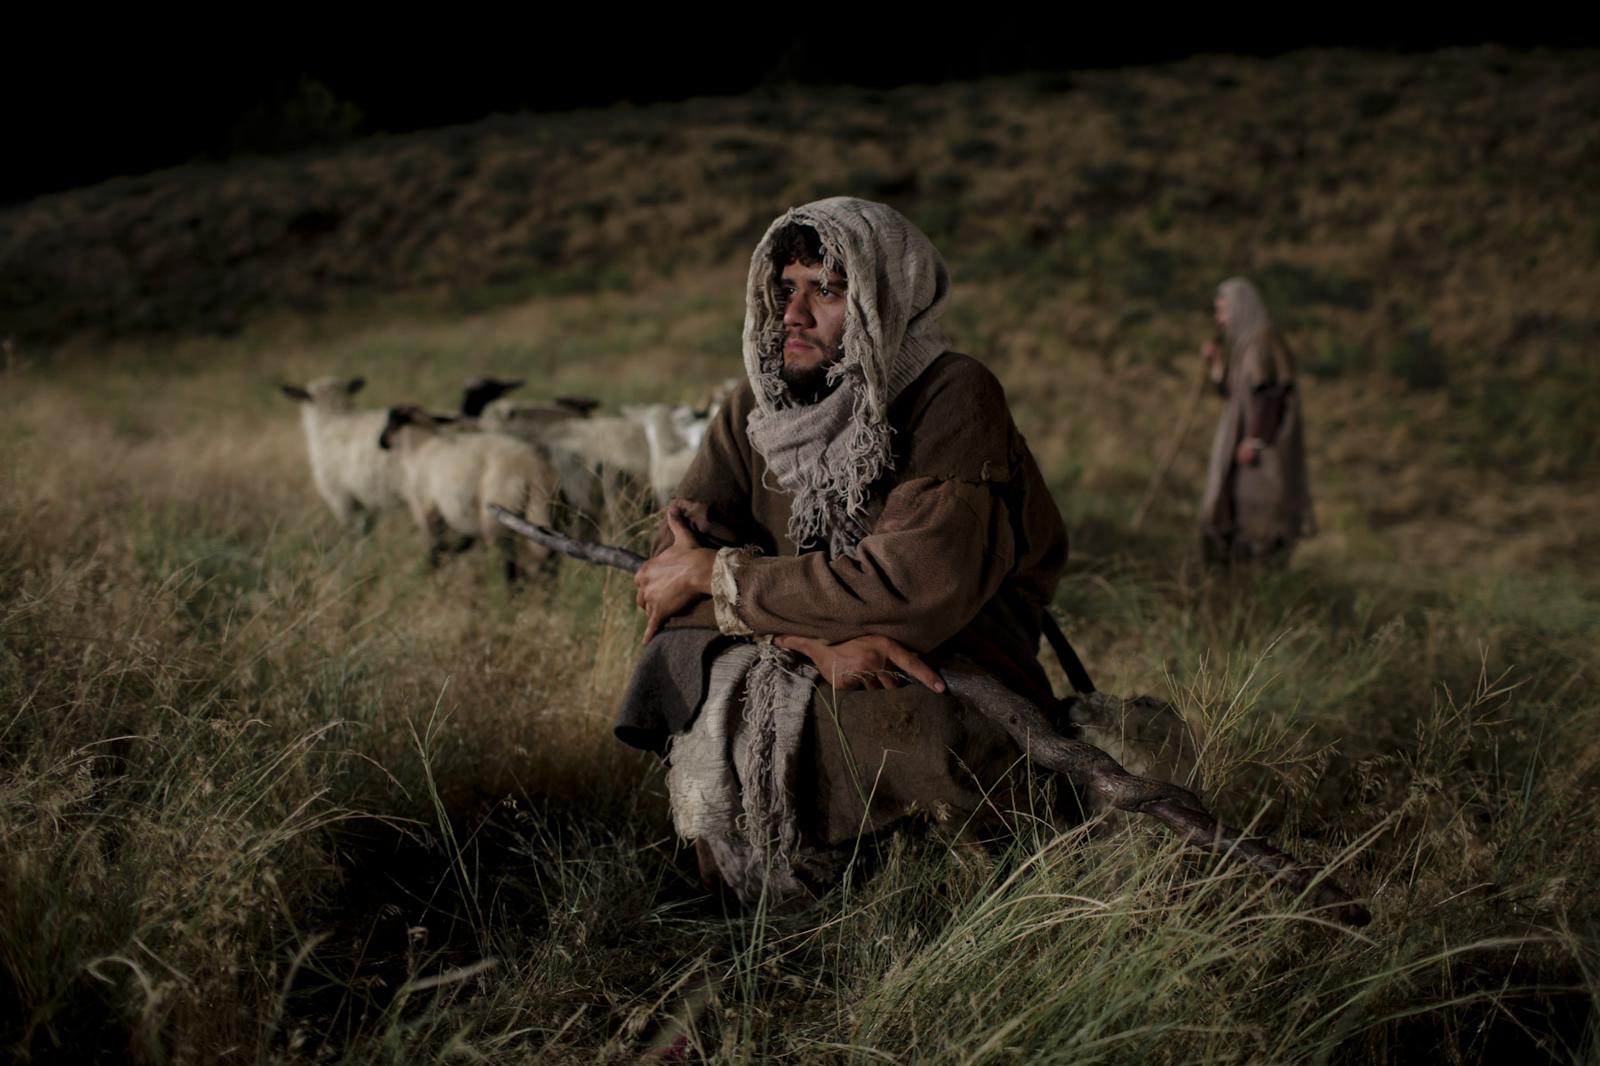 bible-video-nativity-shepherds-1400901-print.jpg